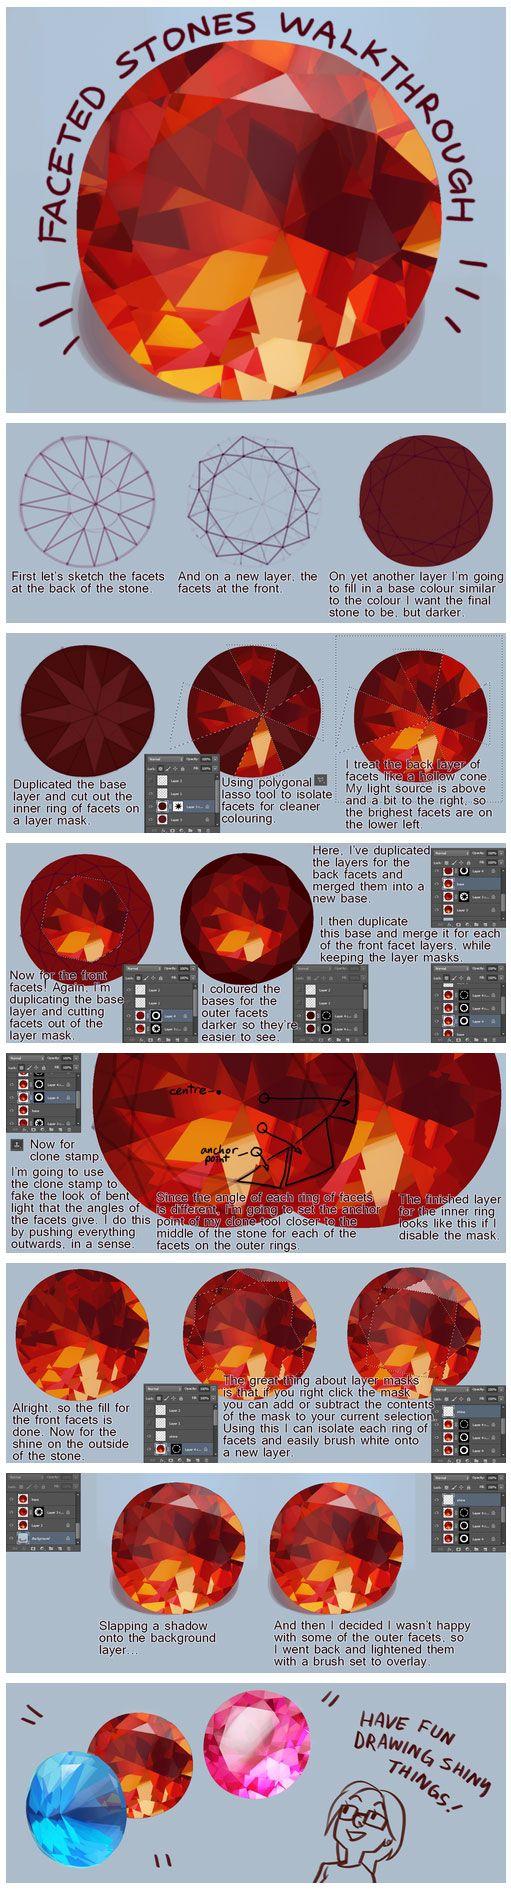 57dd82cbbe43e581775395c267fb0467.jpg (511×1890) via PinCG.com